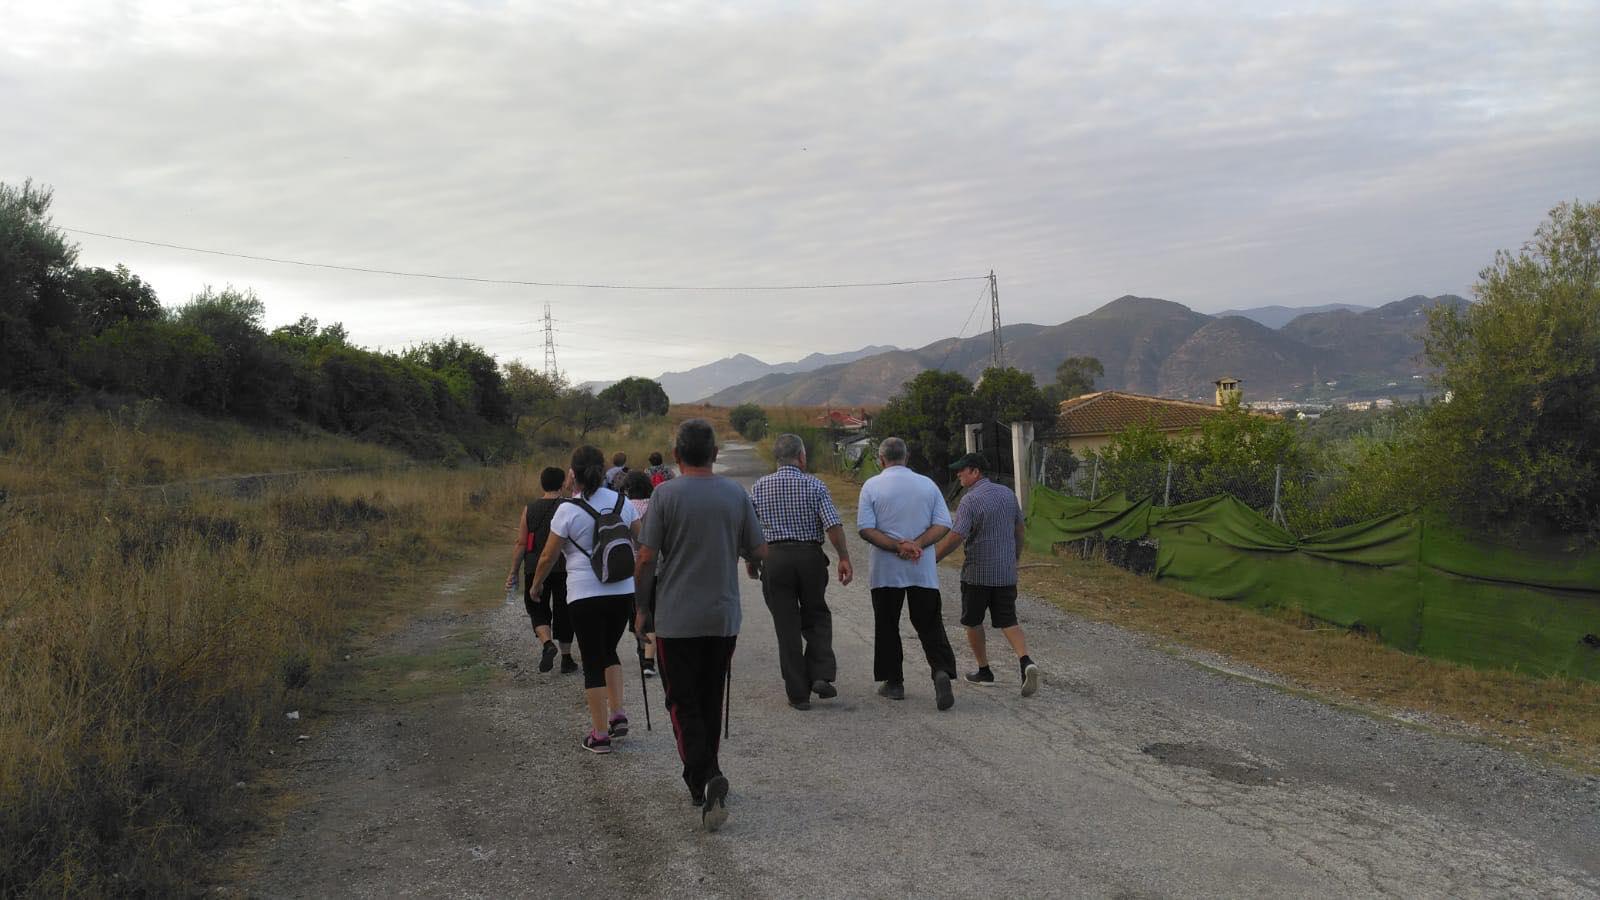 ruta-de-senderismo-cpa-el-sexmo-inicio-temporada-caminatas-110918-7